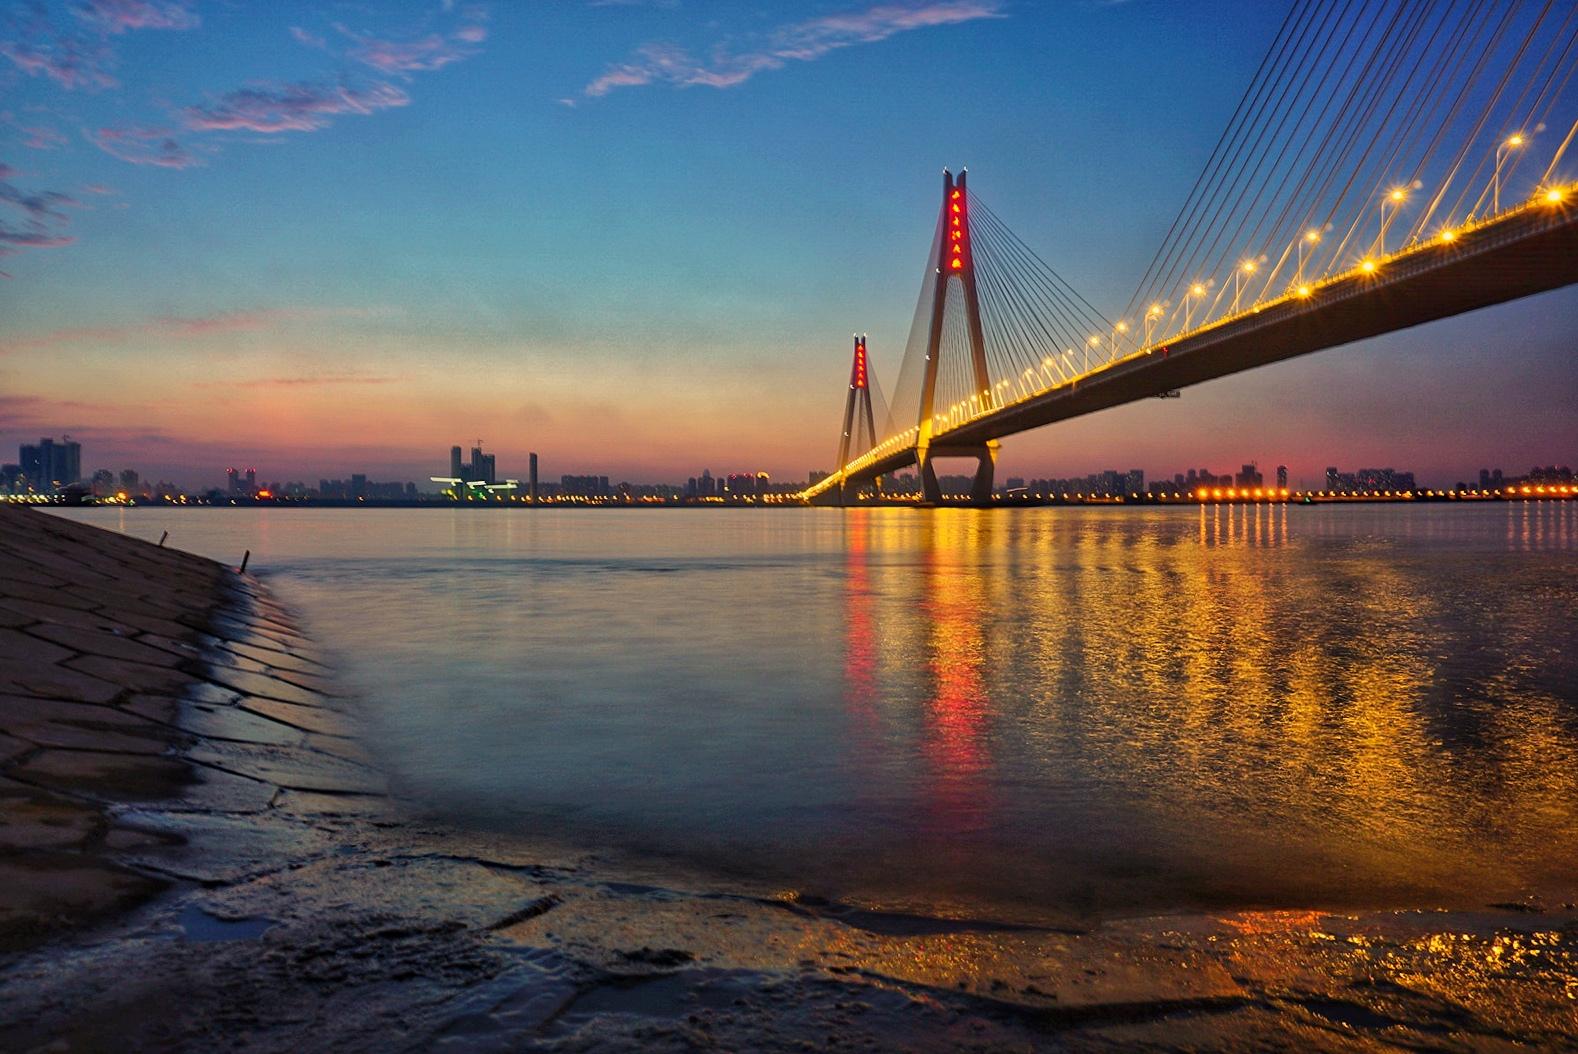 摄于武汉市武昌江滩